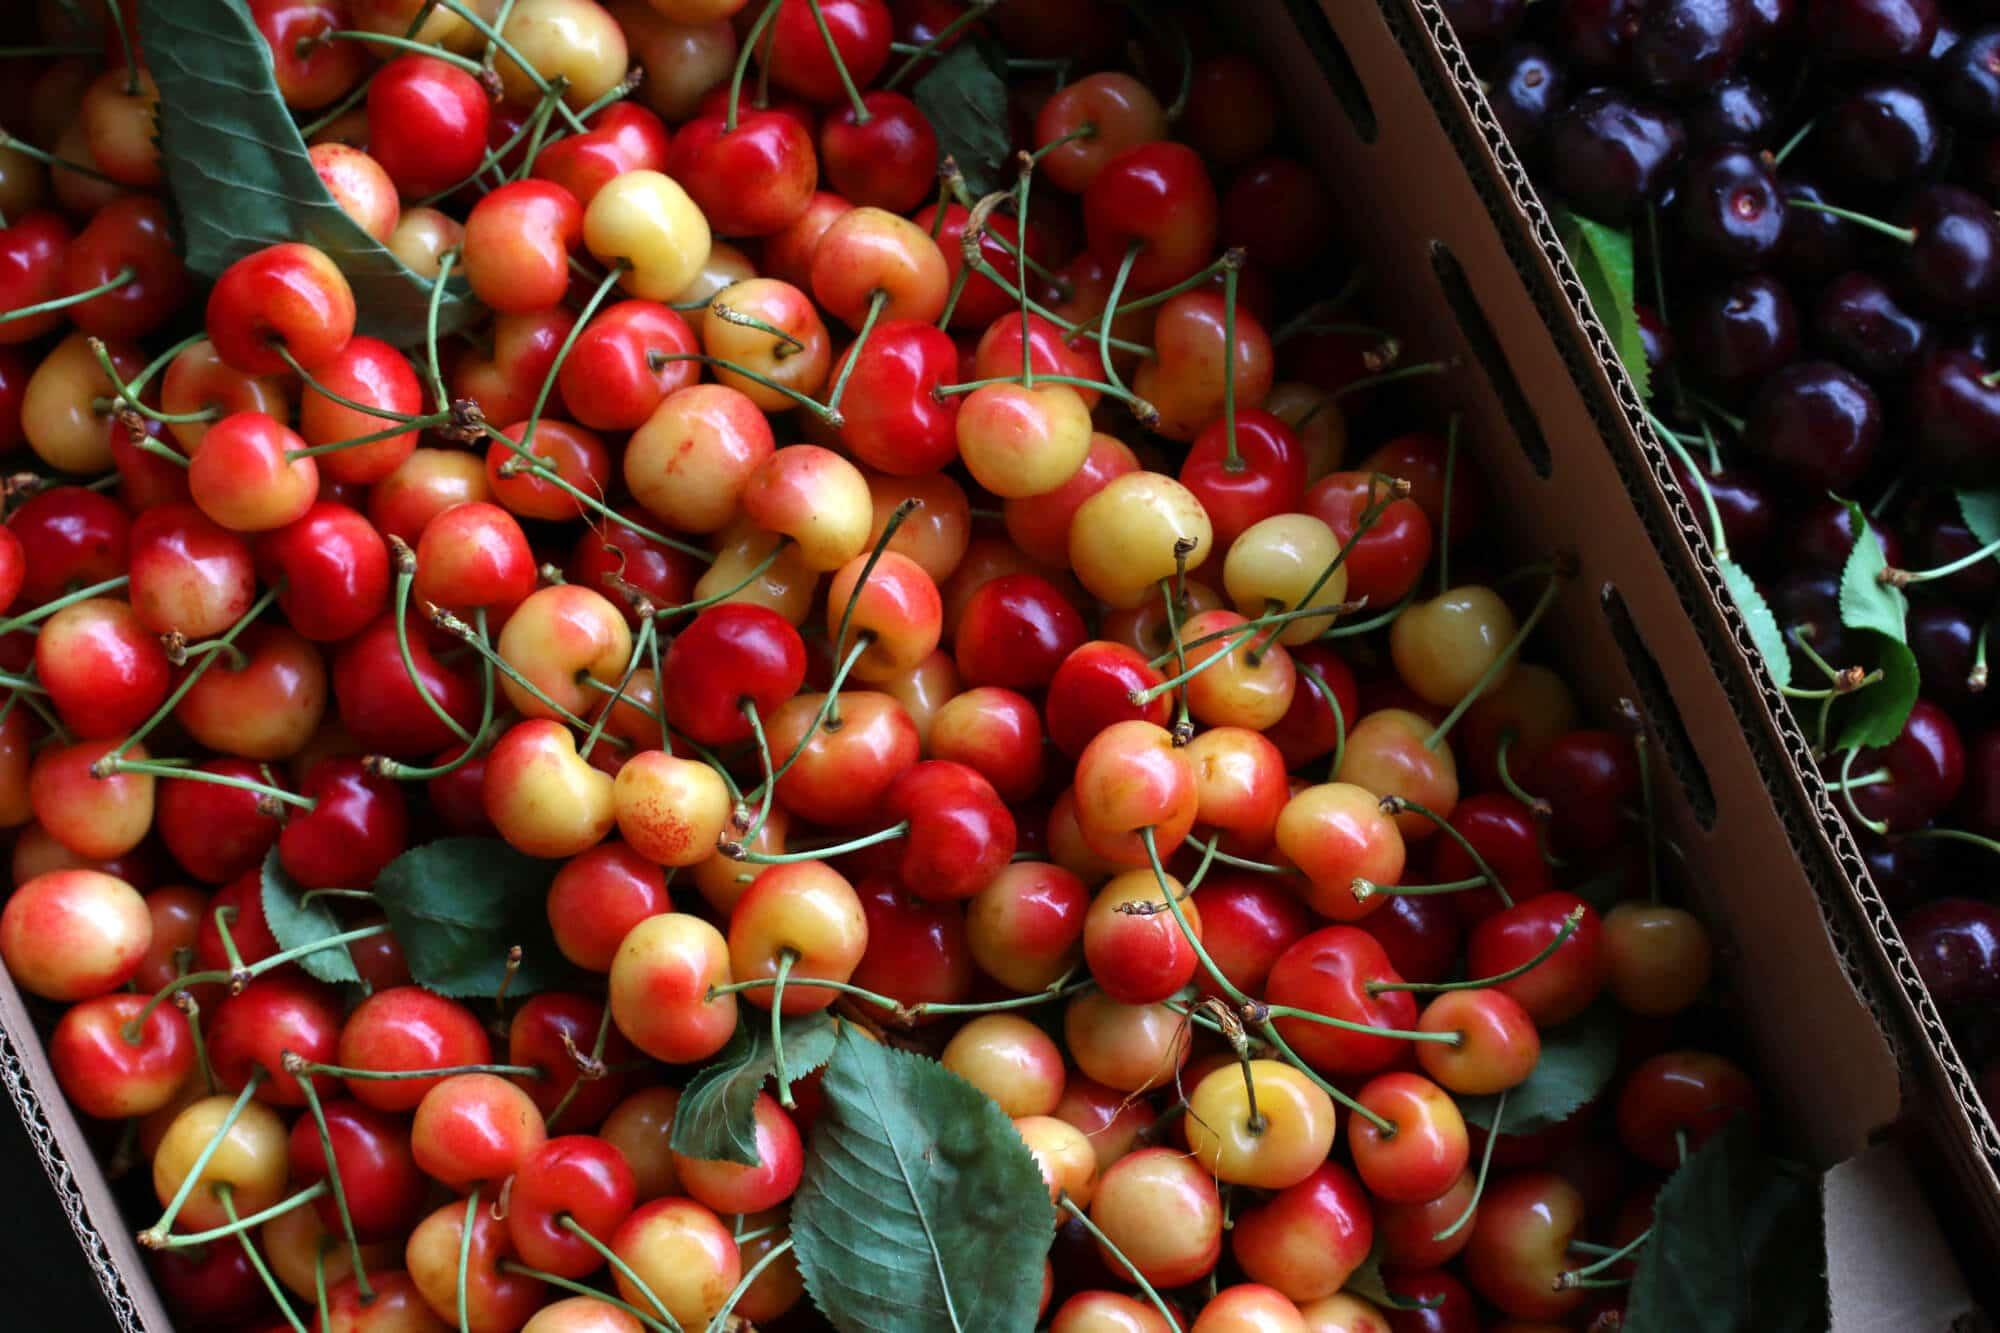 Cherries-28